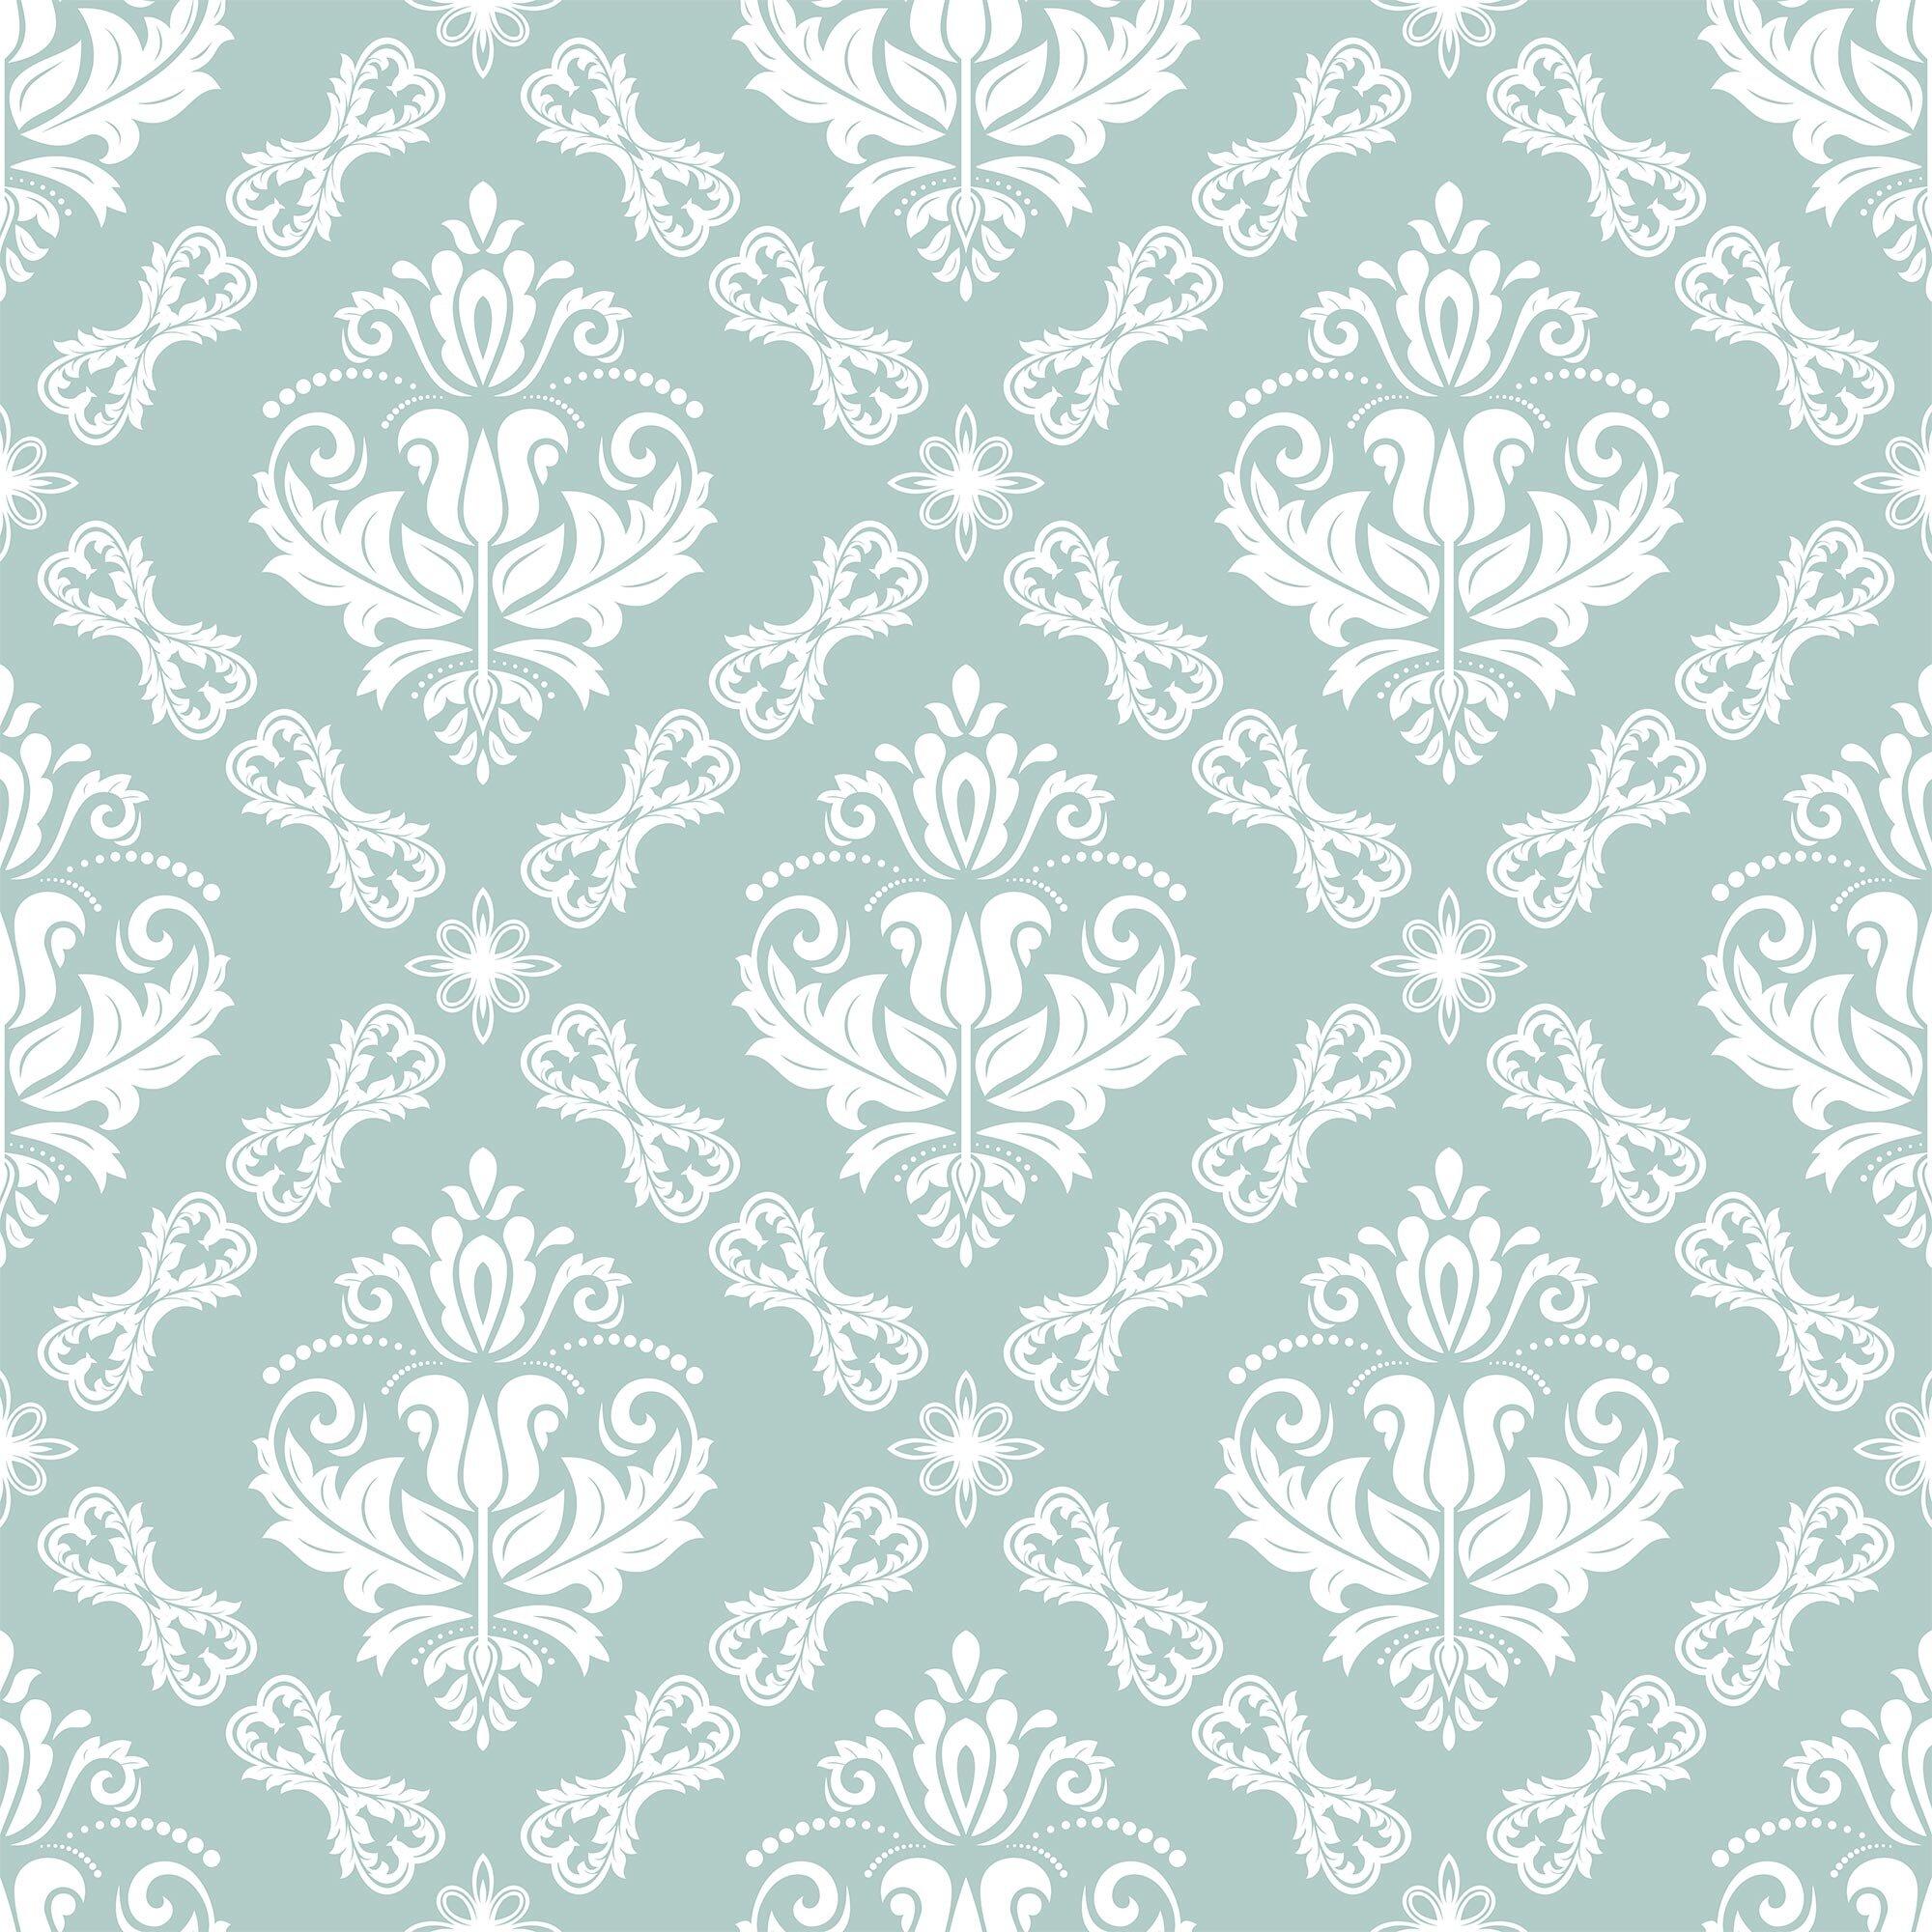 Ornate Glam Tile Panel Peel Stick Wallpaper You Ll Love In 2021 Wayfair